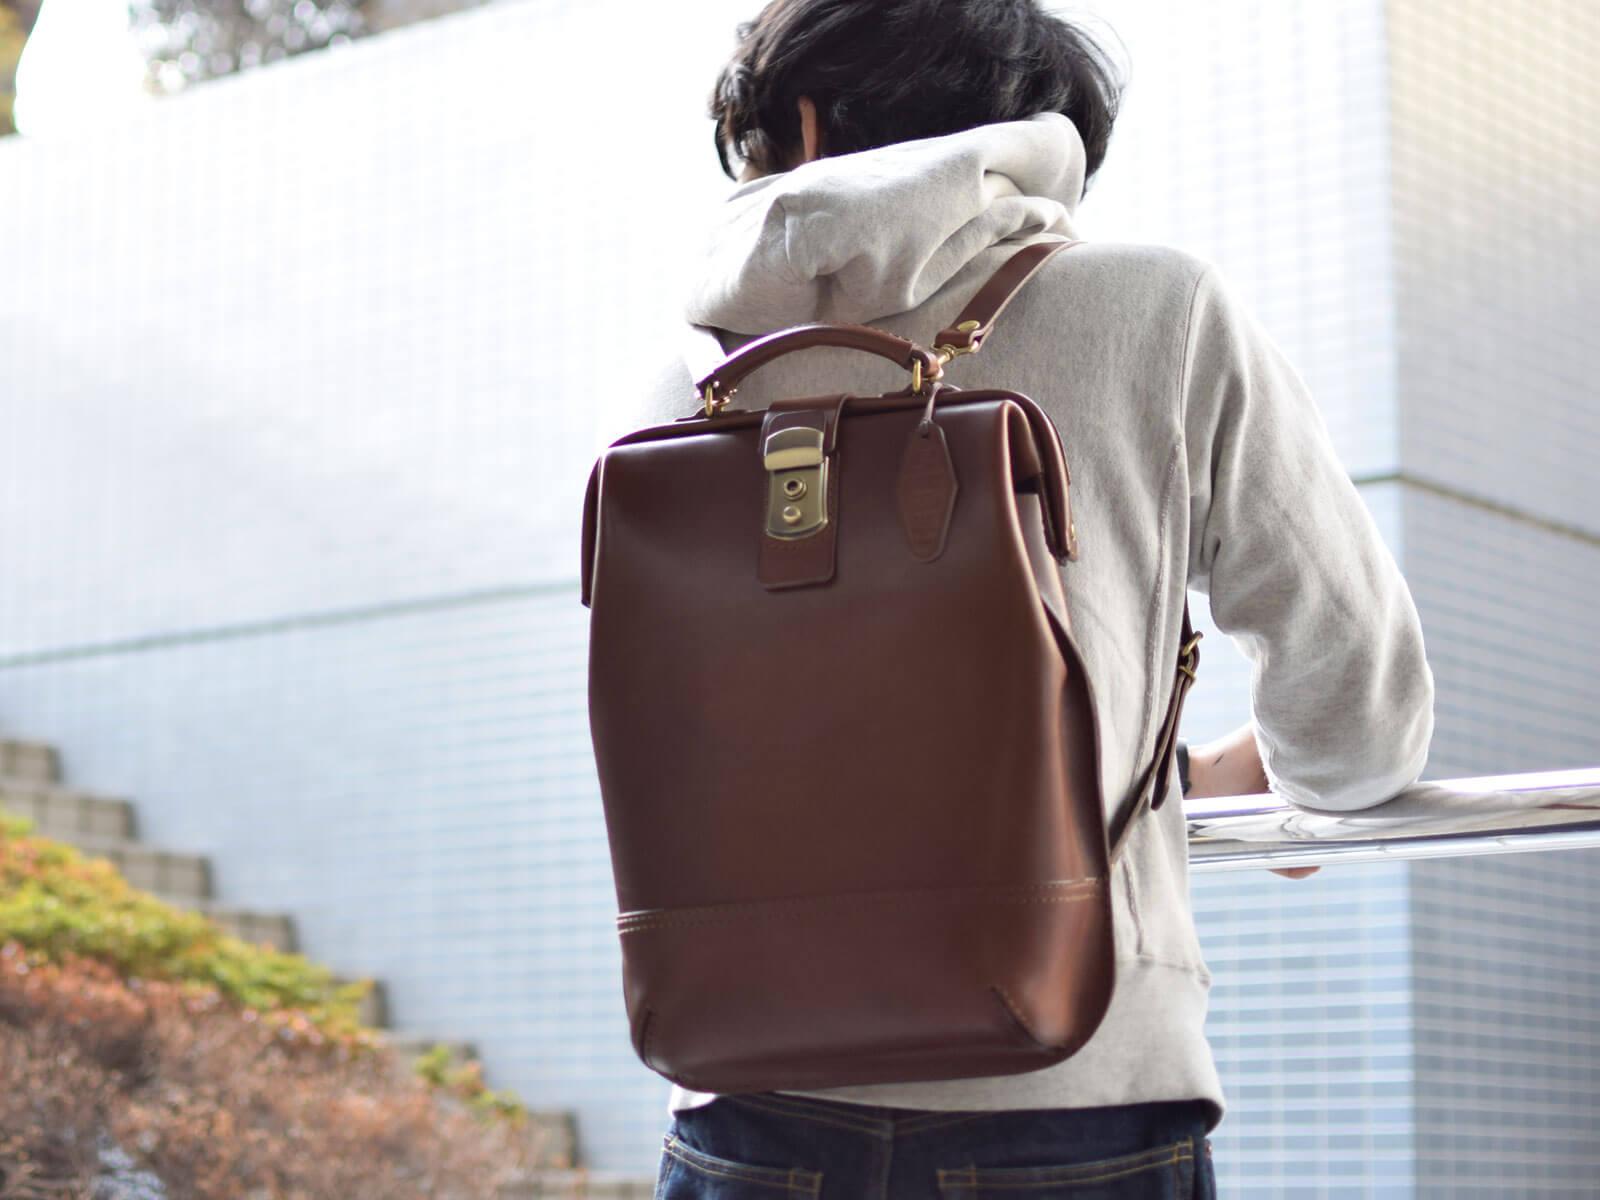 新生活、普段使いやお仕事・通学にもオススメの背負える鞄をご紹介